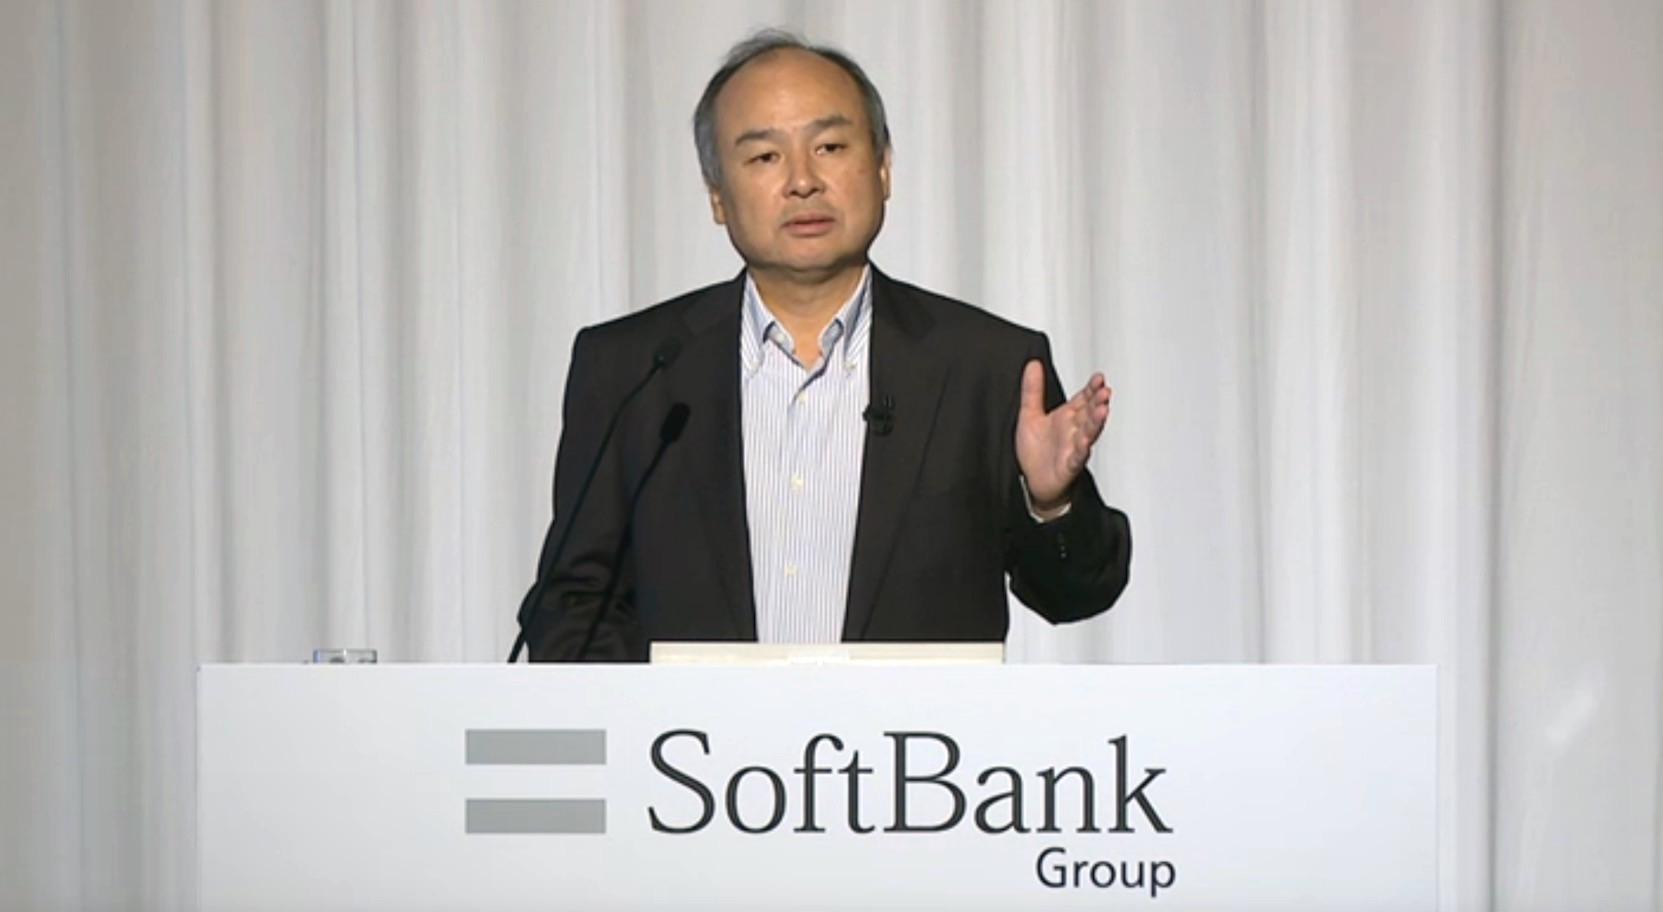 【全文】孫正義氏「ARMの買収、フルスイングしたつもりはない」2017年3月期 第1四半期決算説明会